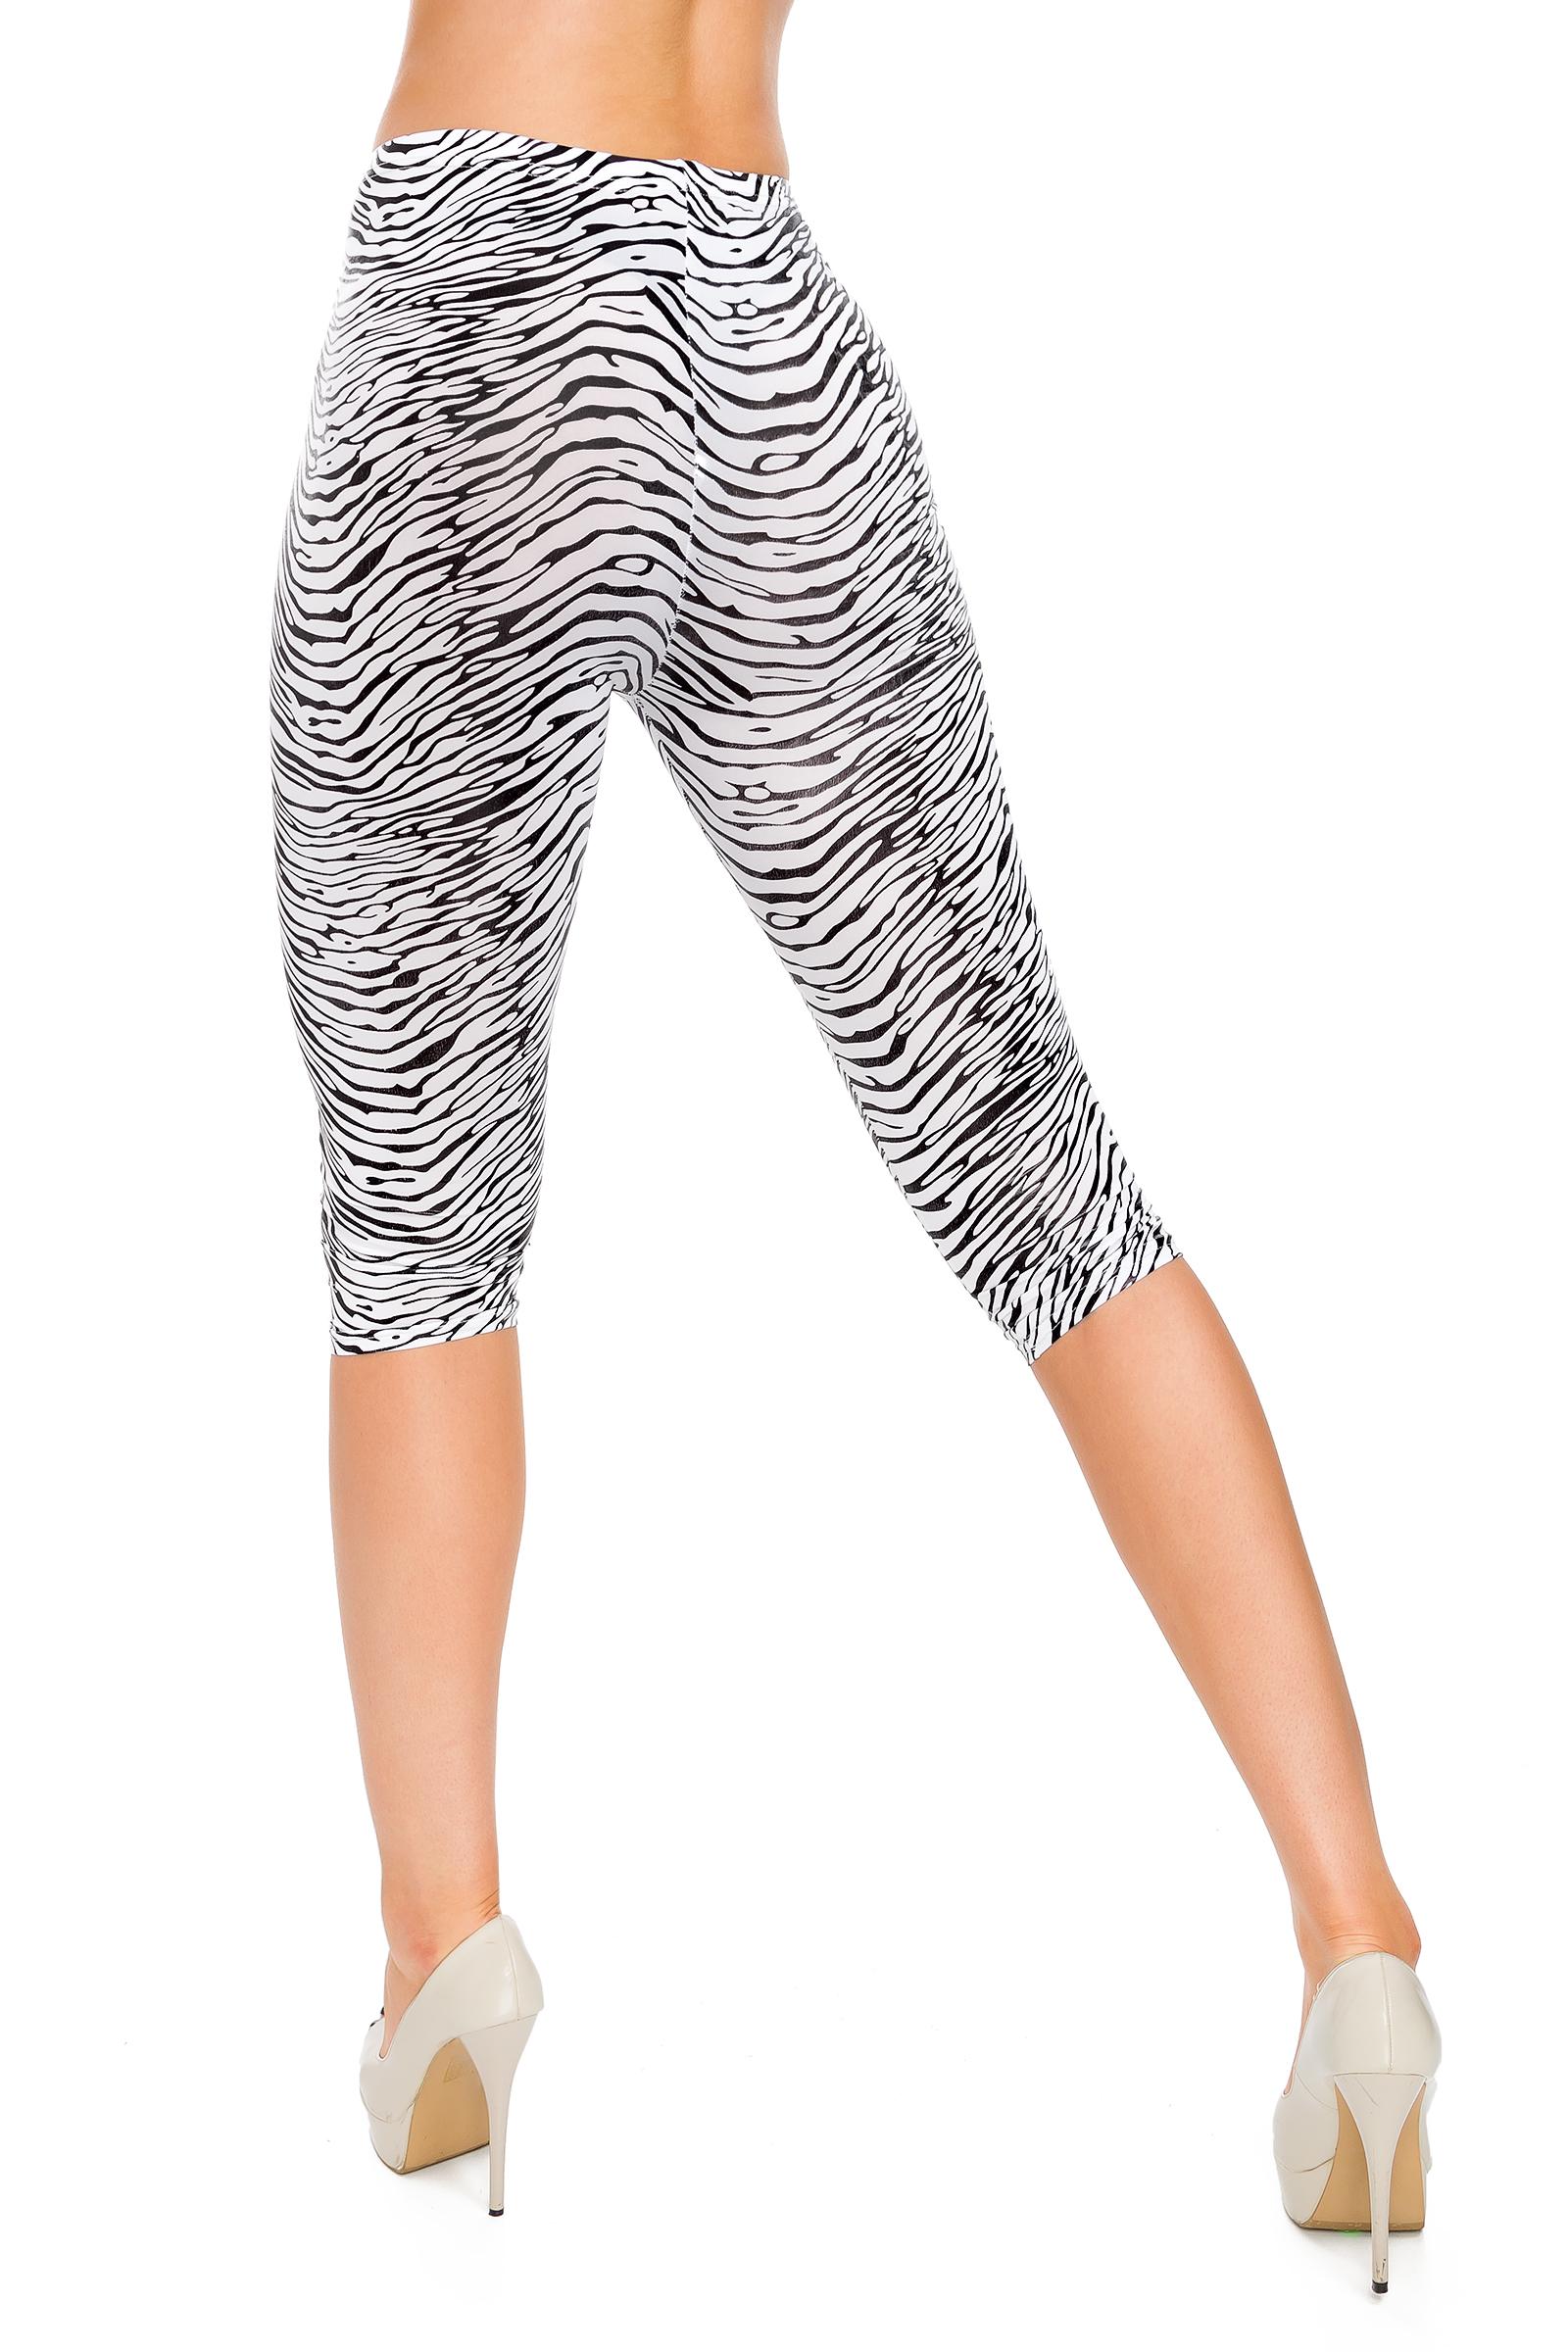 Womens Zebra Print Capri Leggings 3//4 Length Summer Style Pants Mid Waist FS6801